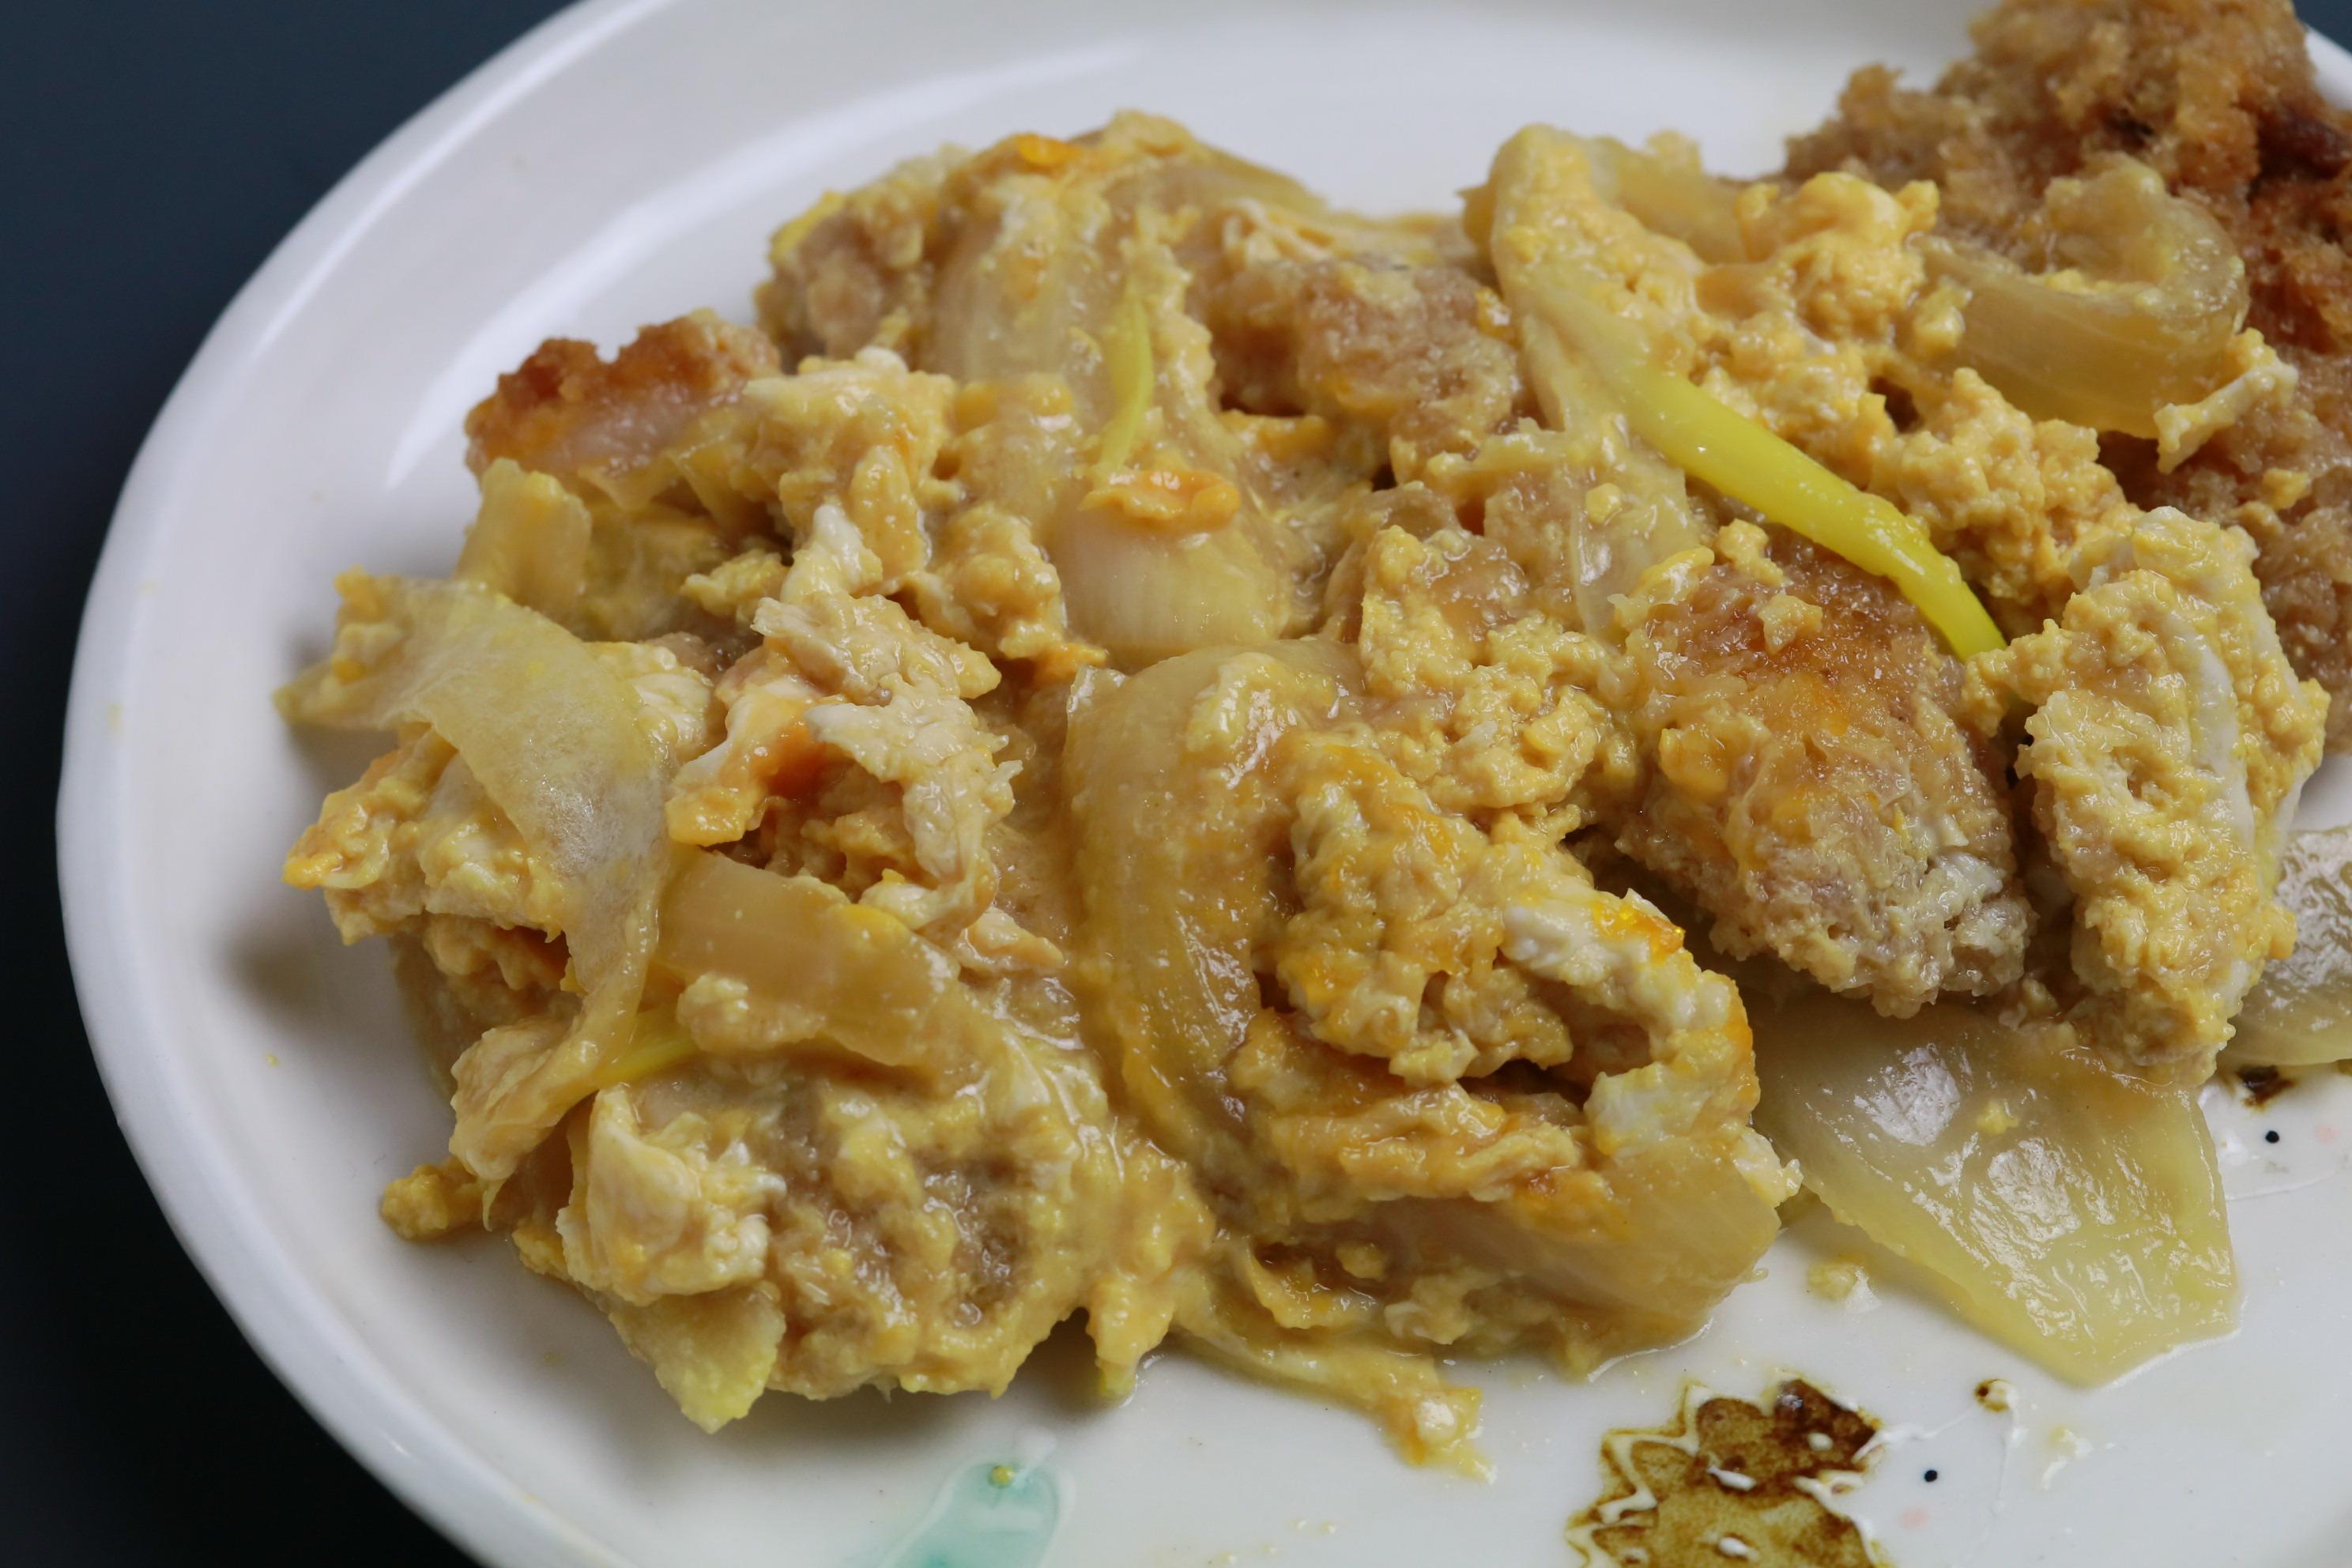 【カツ丼も簡単】いさむポークの無添加カツ煮